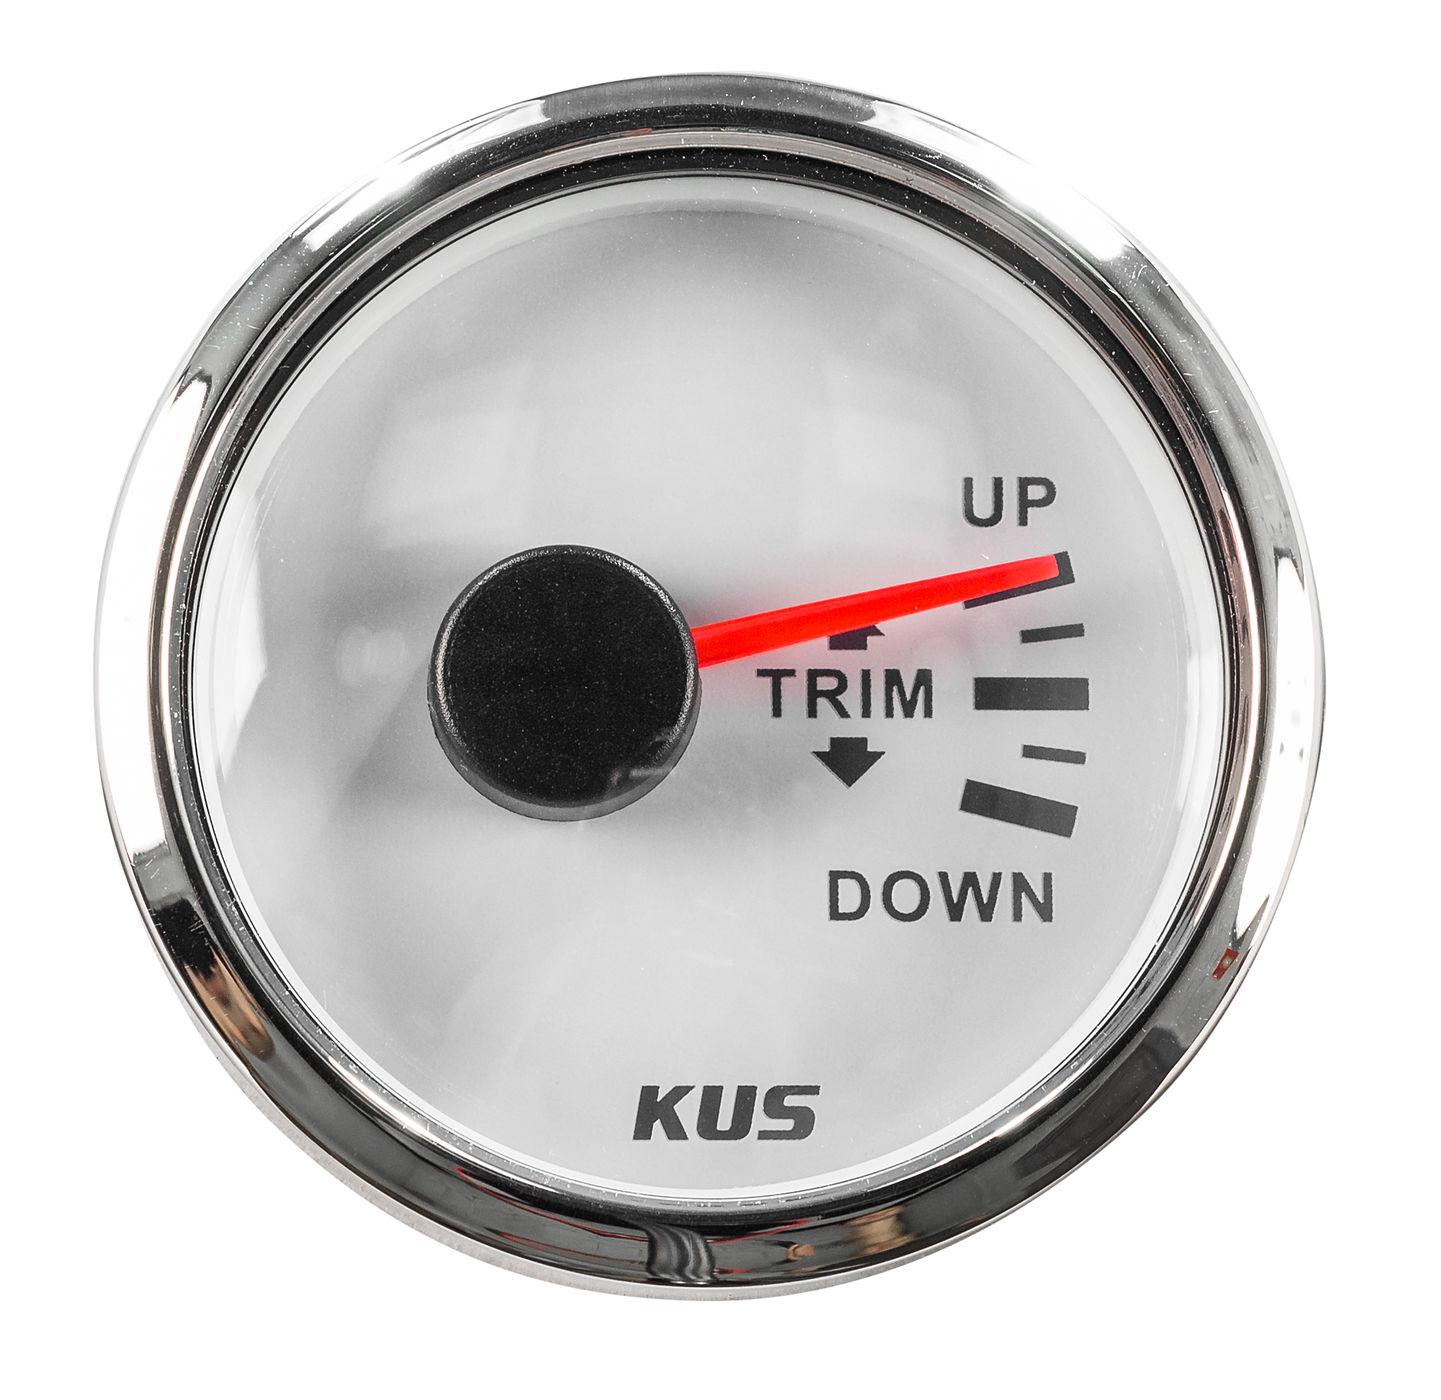 Trim-pointer 1200-800 Ohm, White Dial, Stainless Bezel, D. 52mm Jmv00322